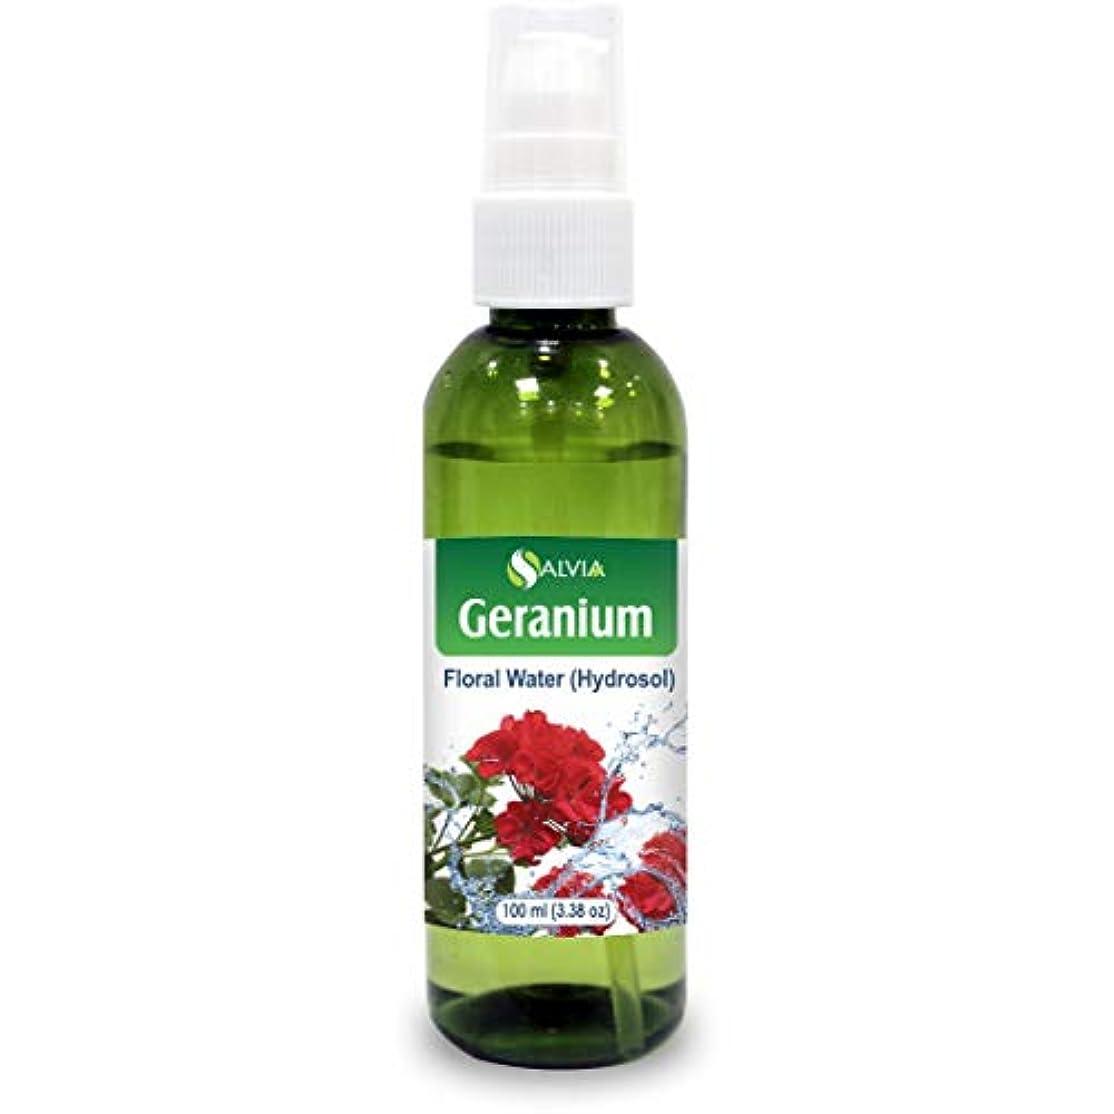 示す鉄男性Geranium Floral Water 100ml (Hydrosol) 100% Pure And Natural